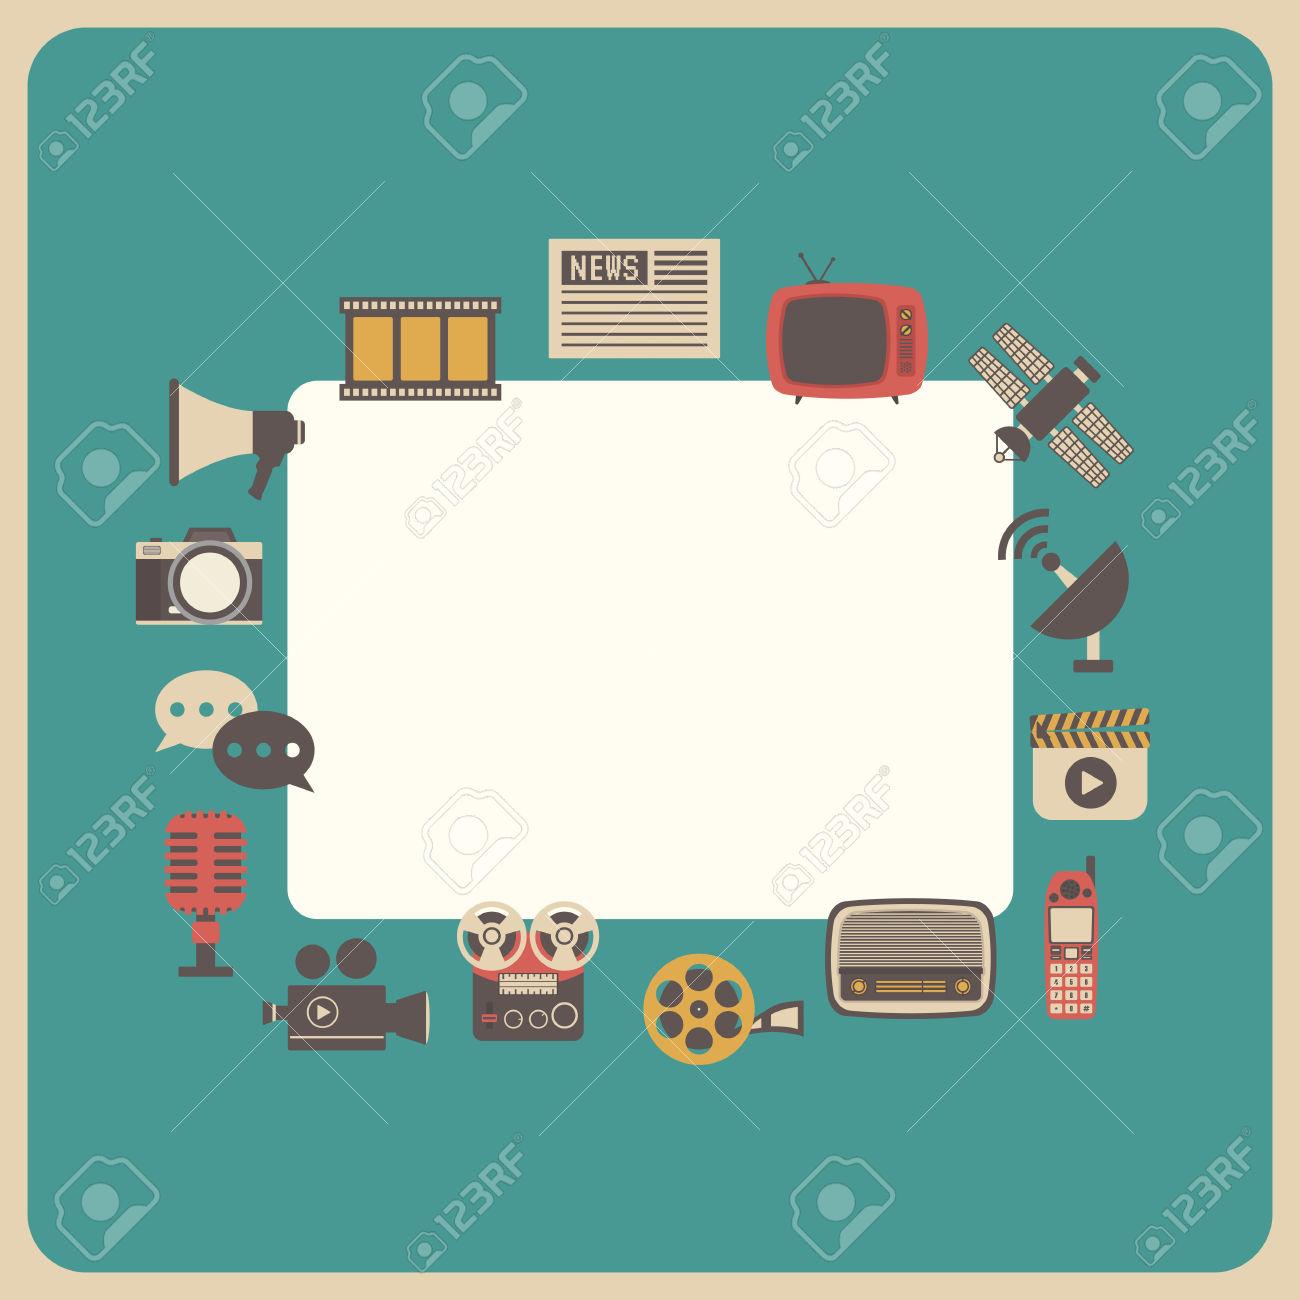 Communication Icon, Retro Technology, Analog Style Royalty Free.